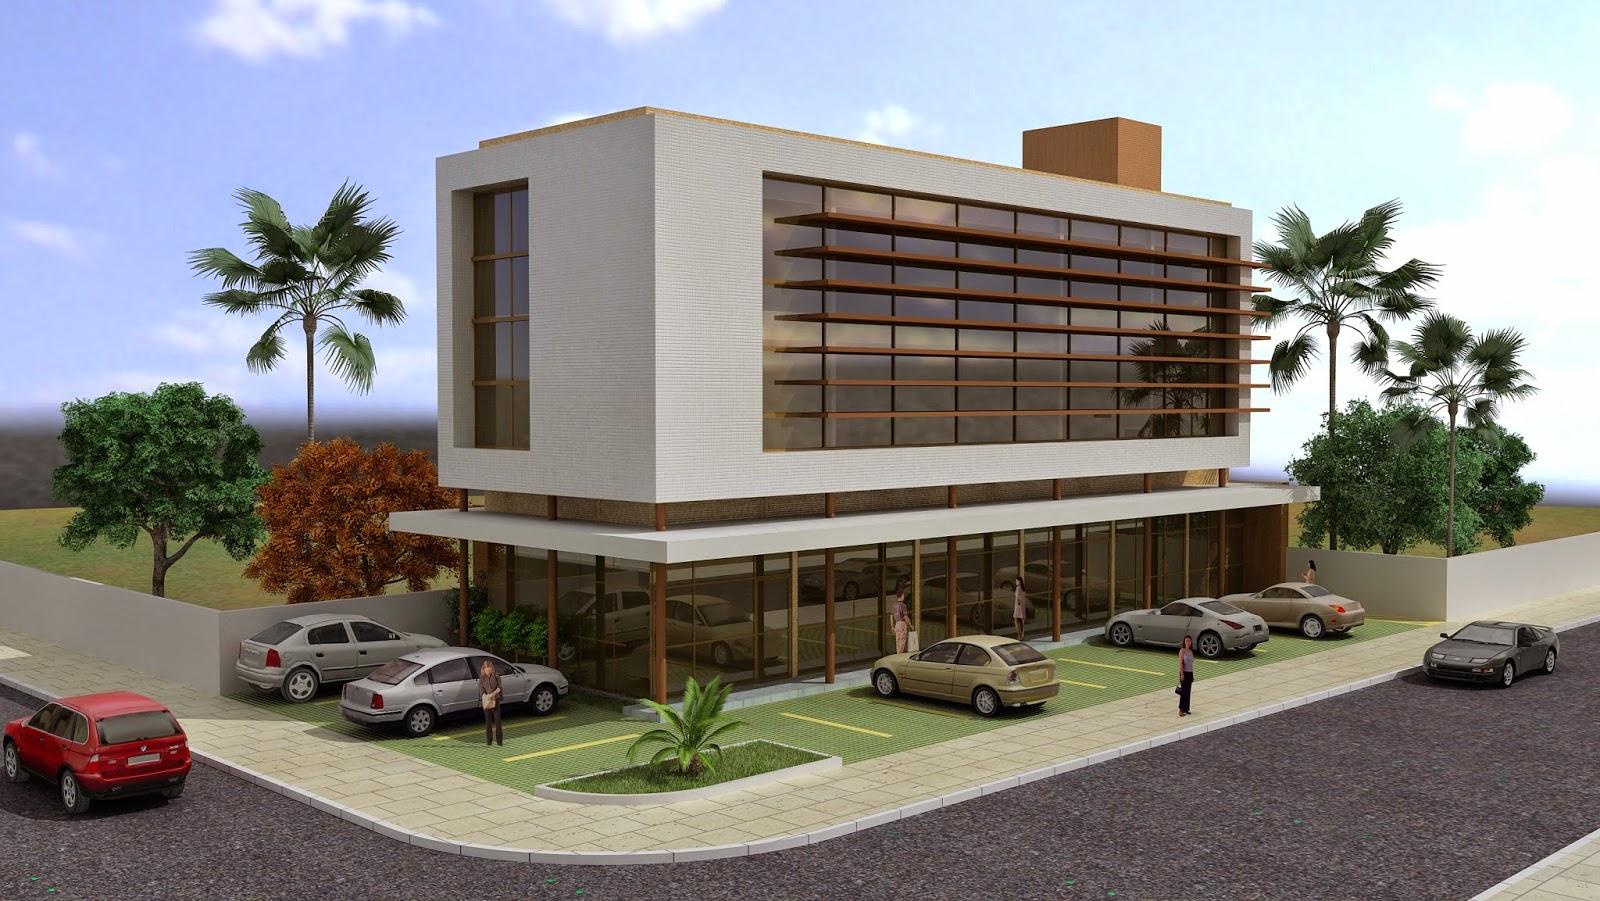 Top Oddo Villar. Arquitetura e Construção: Edificio Comercial, Bairro  RU05